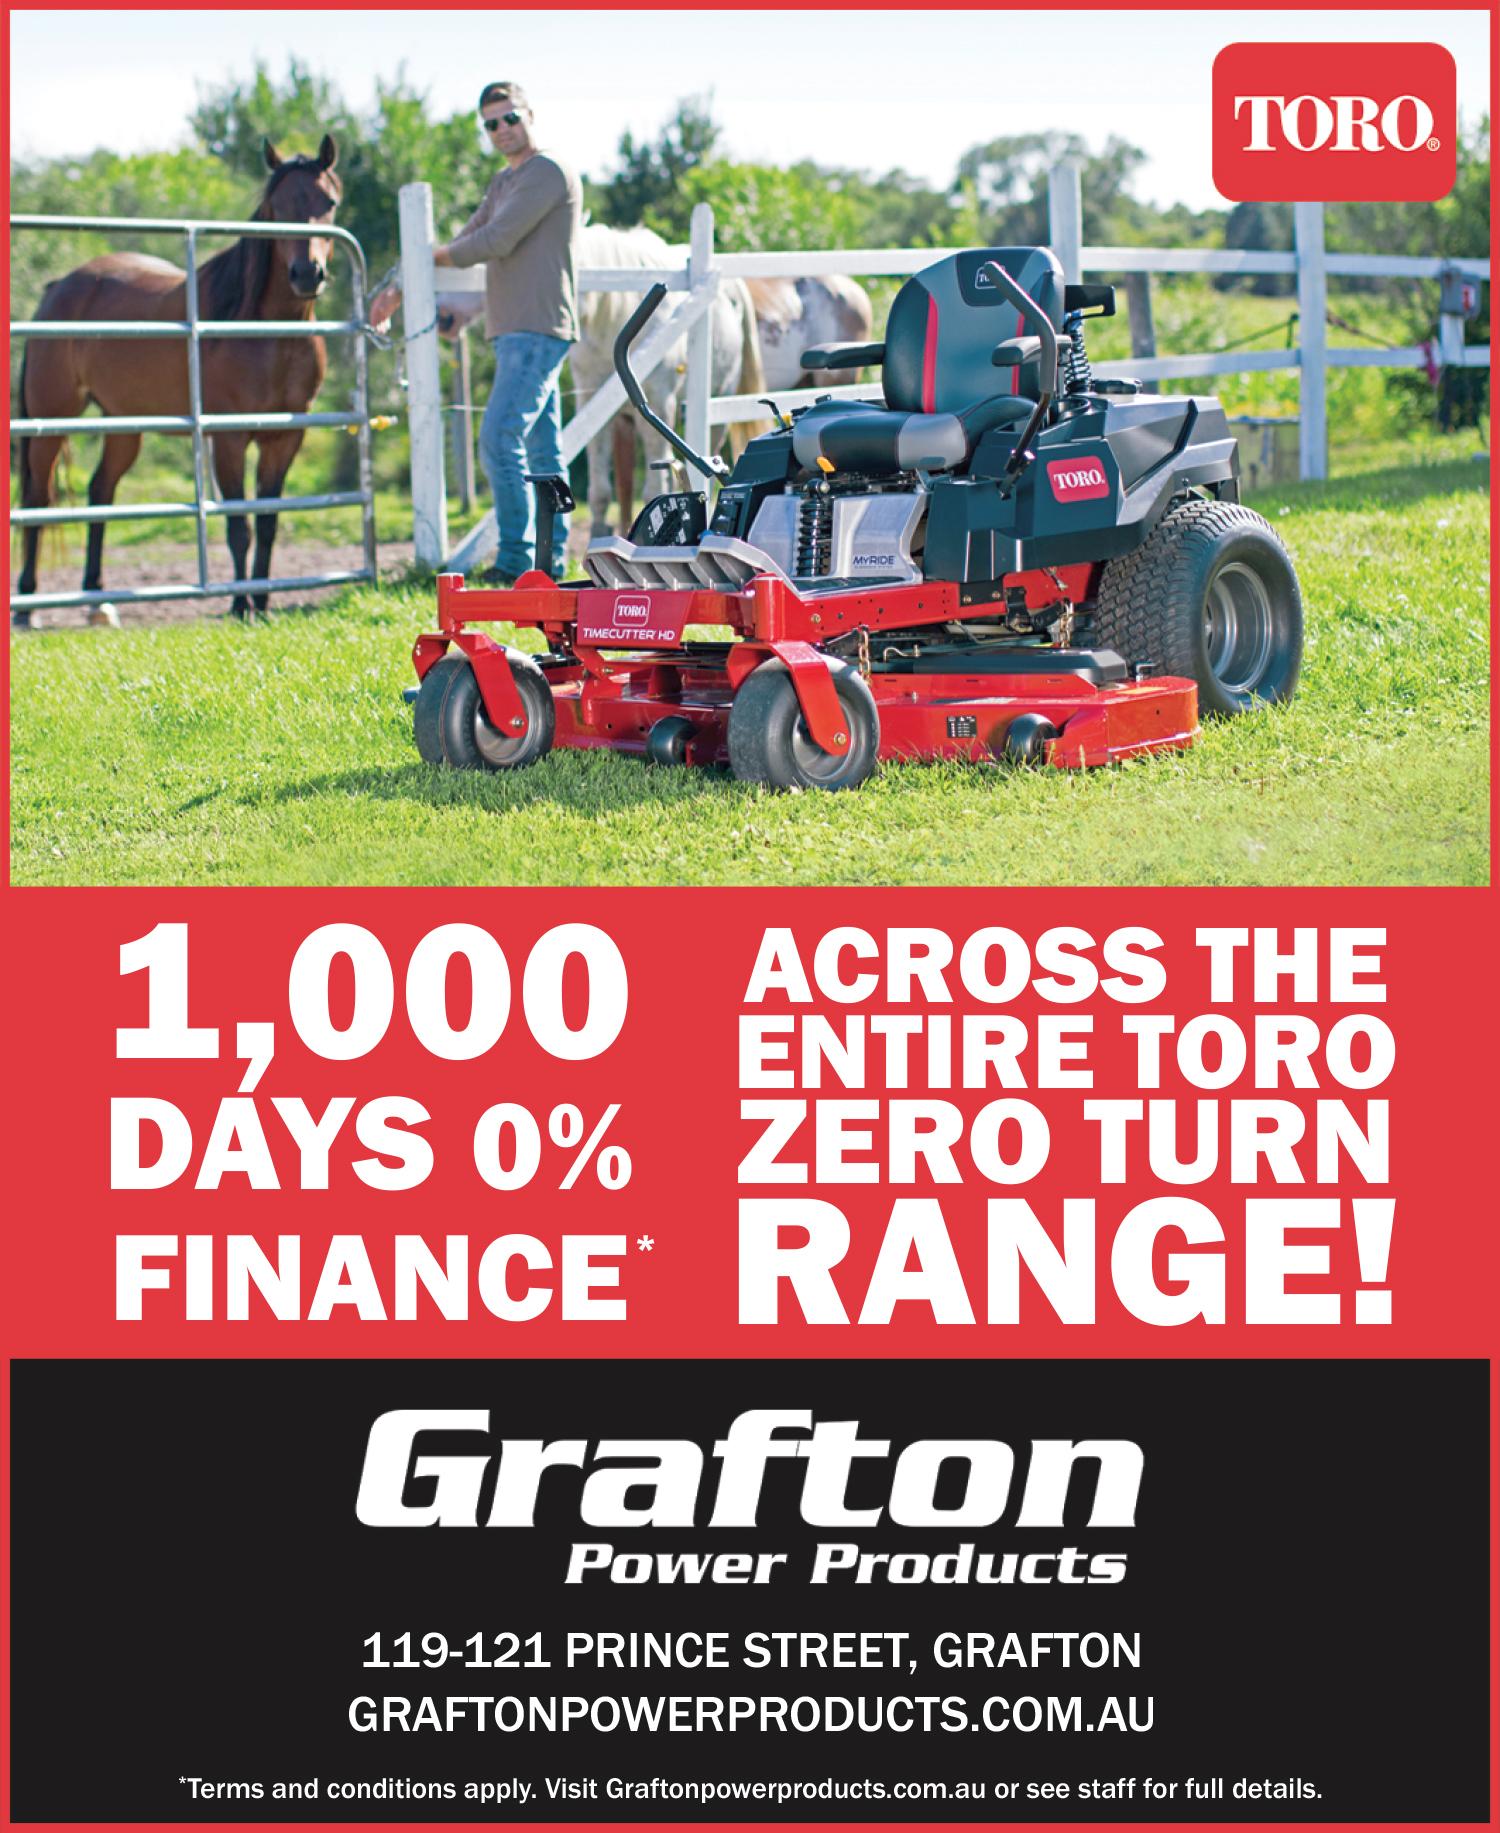 Get your new Toro Zero Turn Mower on 1,000 Days 0% Finance